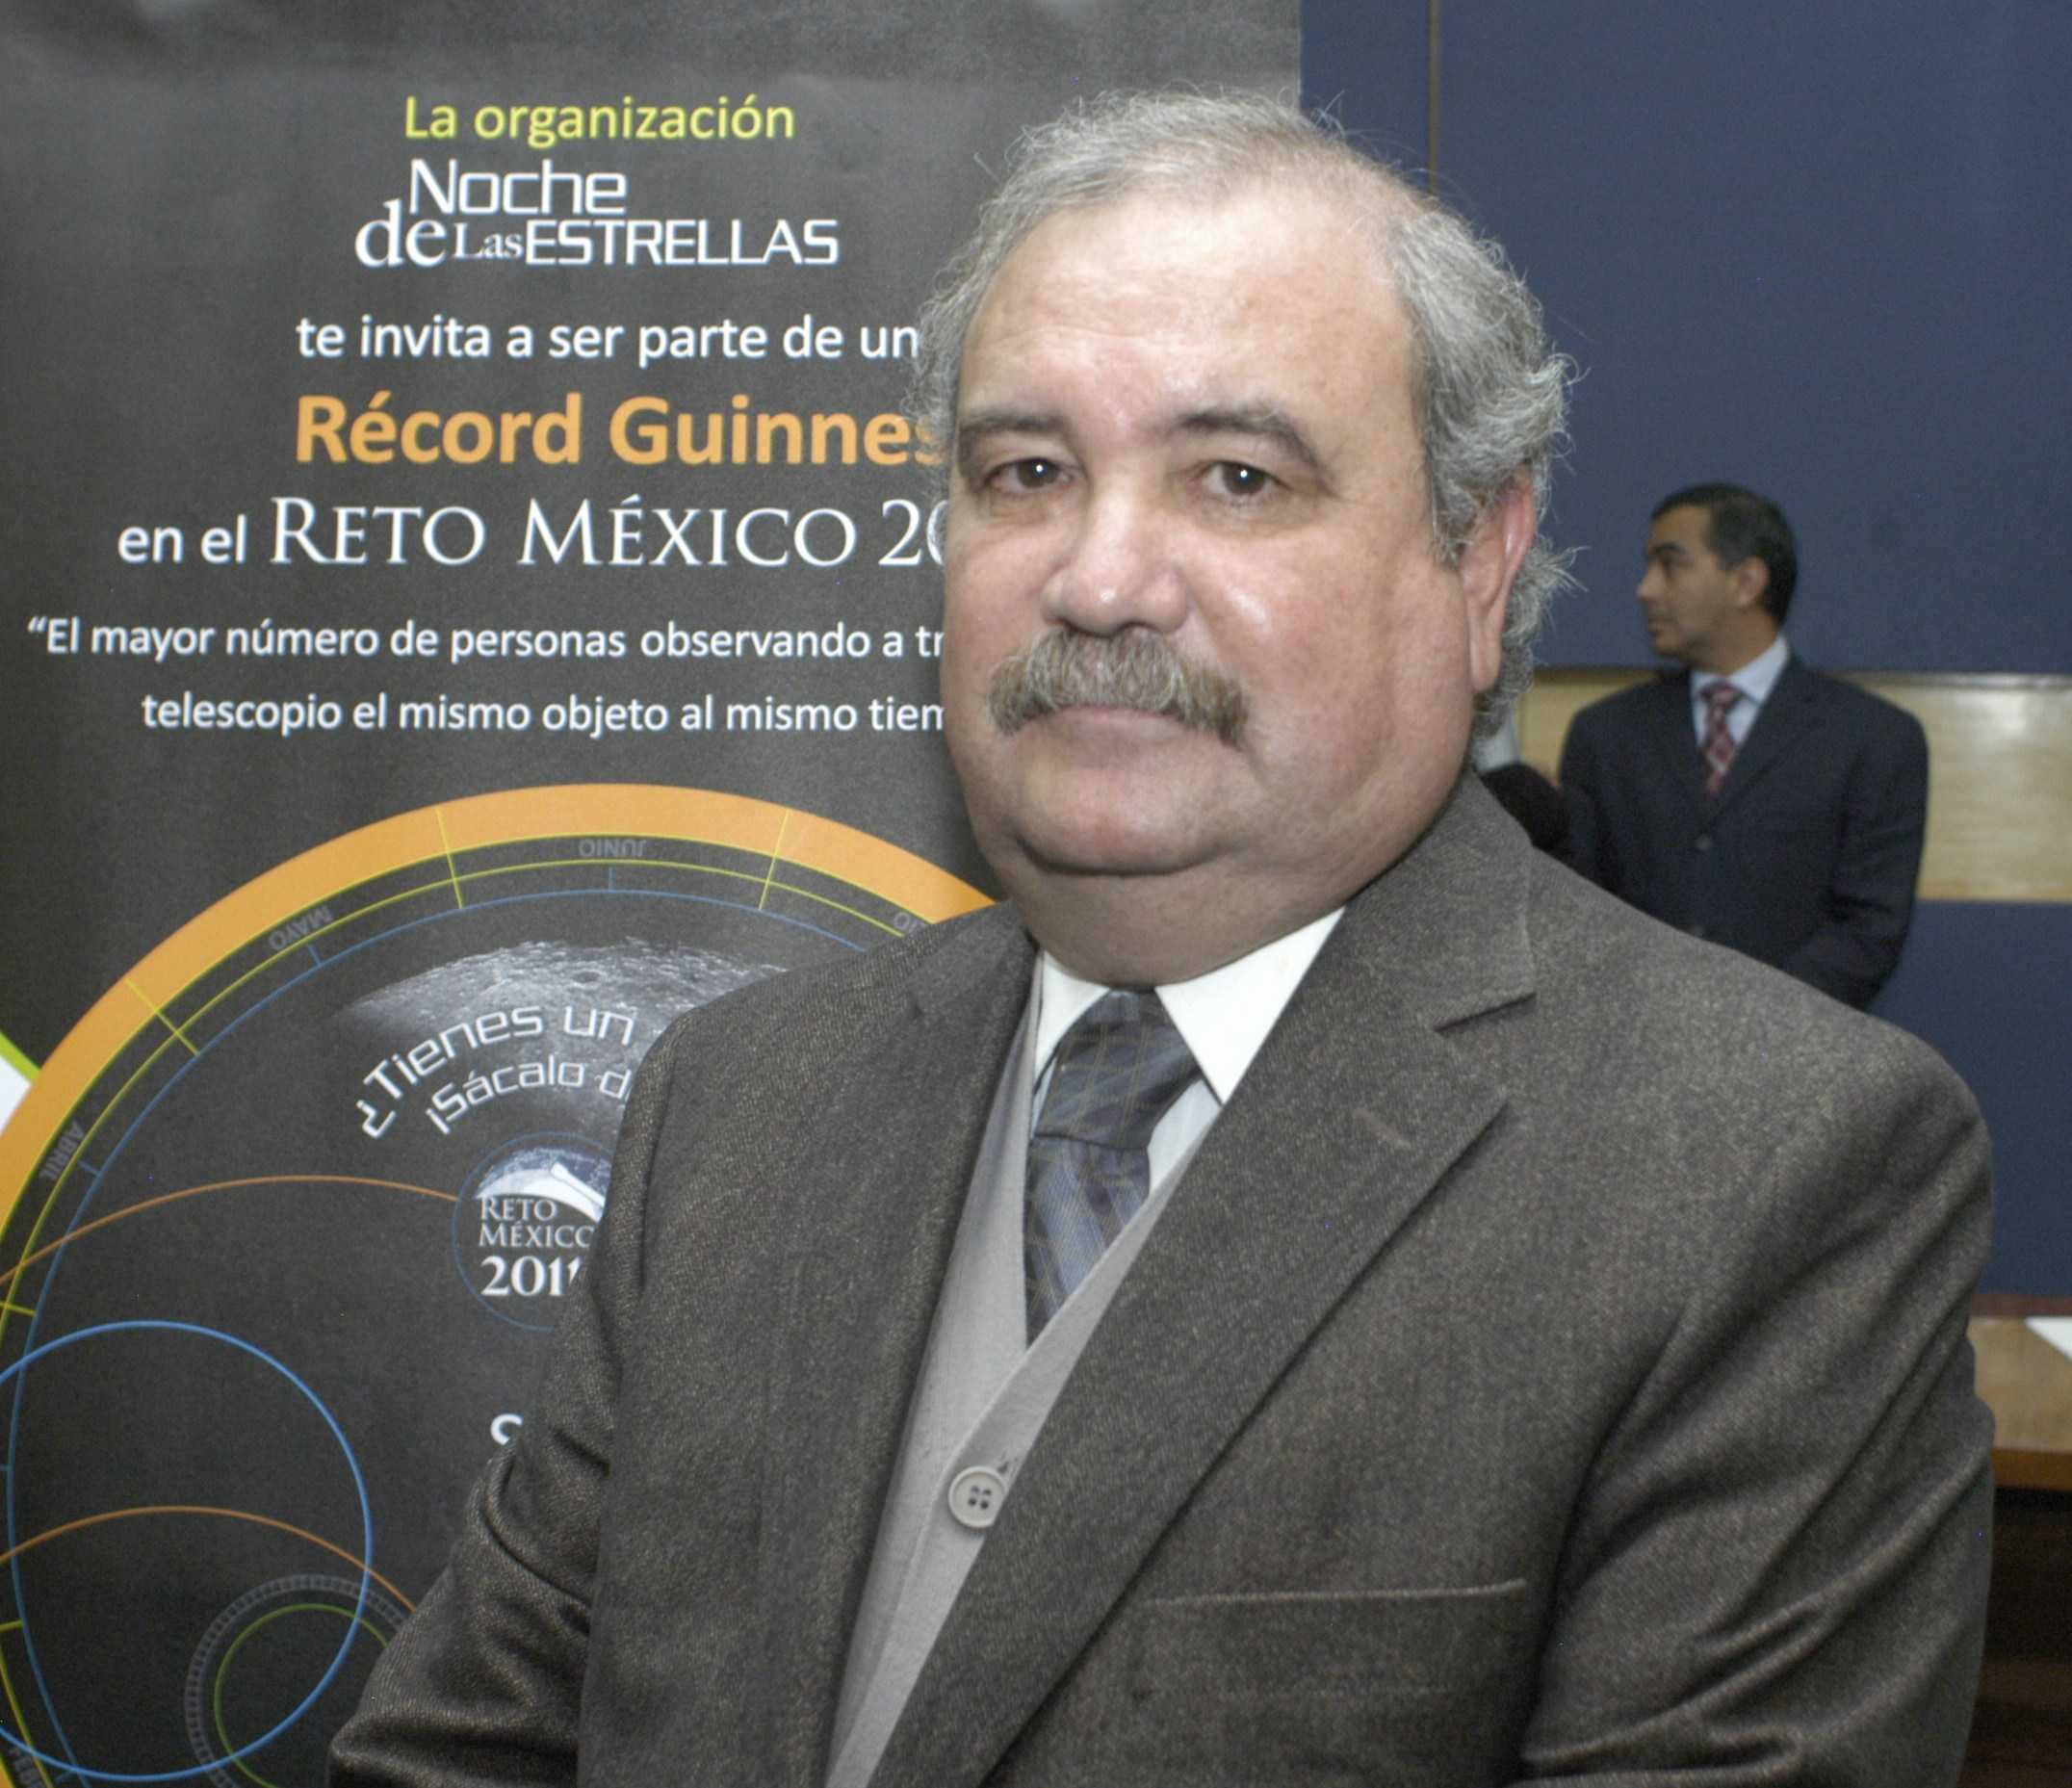 La otra cara de la UNAM: el Dr. Carlos Arámburo de la Hoz, Coordinador de la Investigación Científica